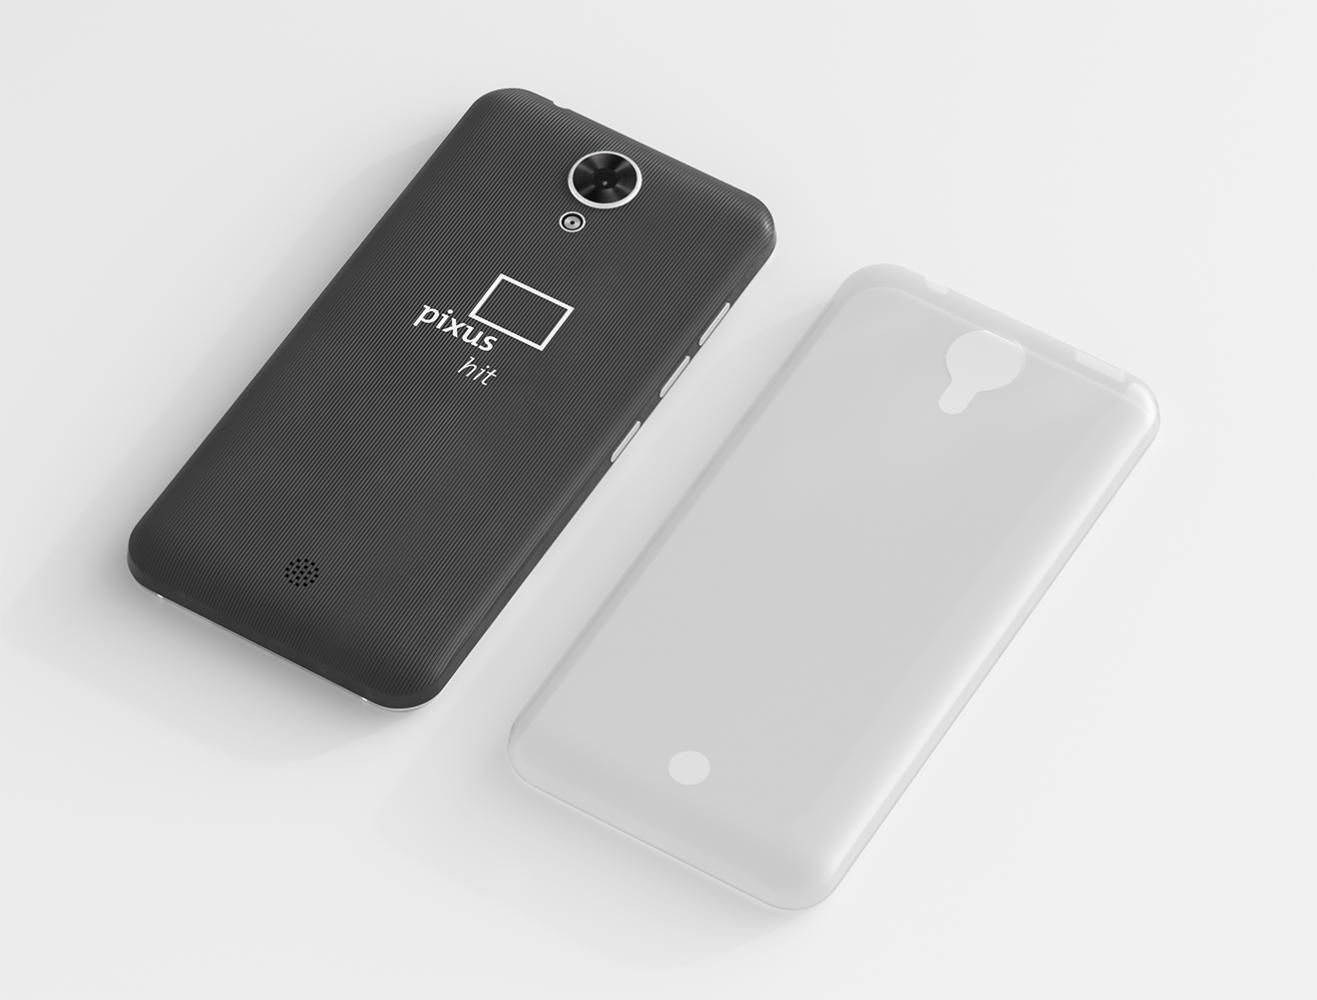 Мобильный телефон Pixus Hit - 5